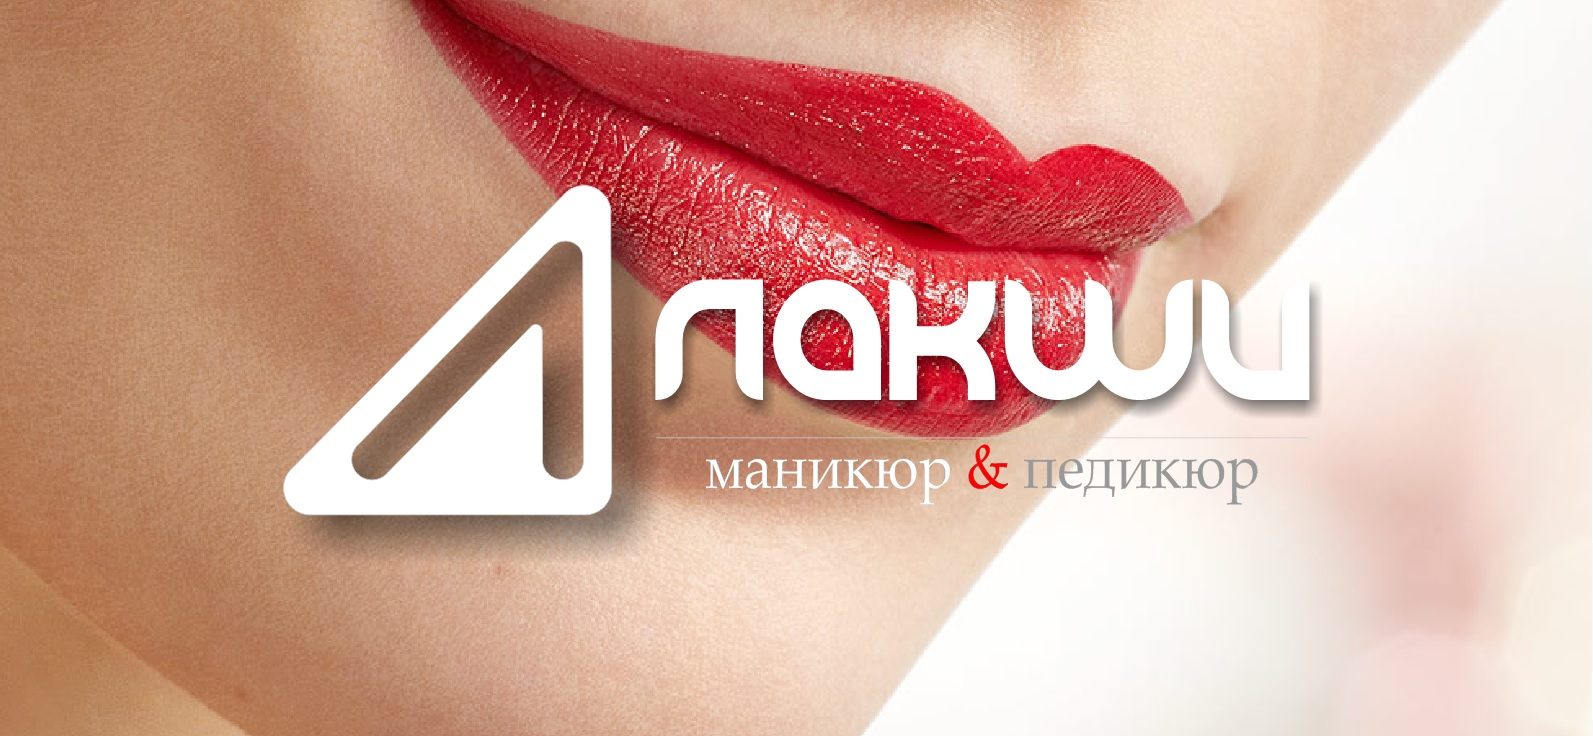 Разработка логотипа фирменного стиля фото f_9405c66c1f99236d.jpg